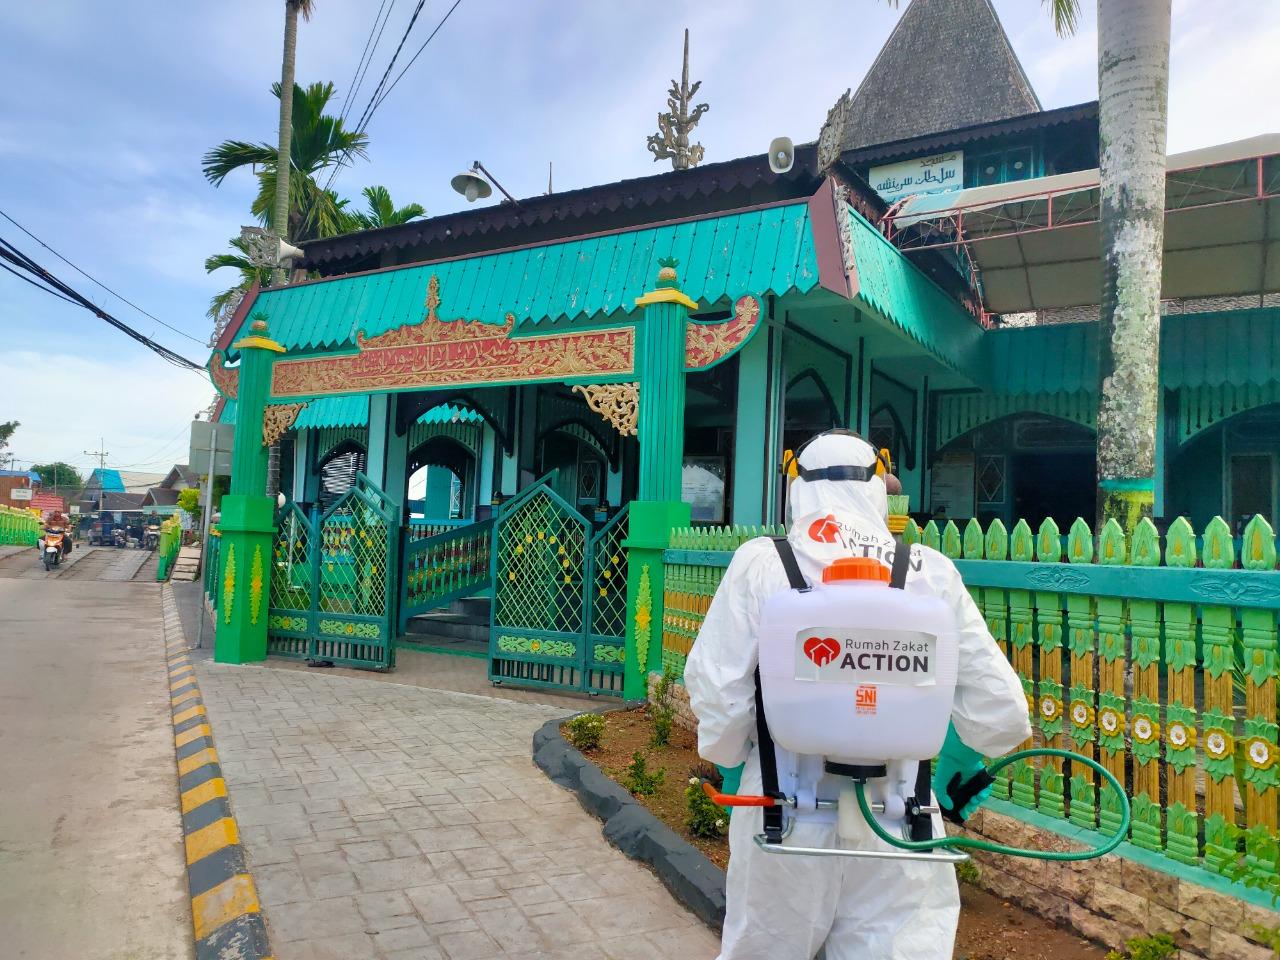 Rumah Zakat Cegah Penyebaran Covid-19 di Masjid Bersejarah dan Masjid Agung Miftahul Ihsan Banjarmasin